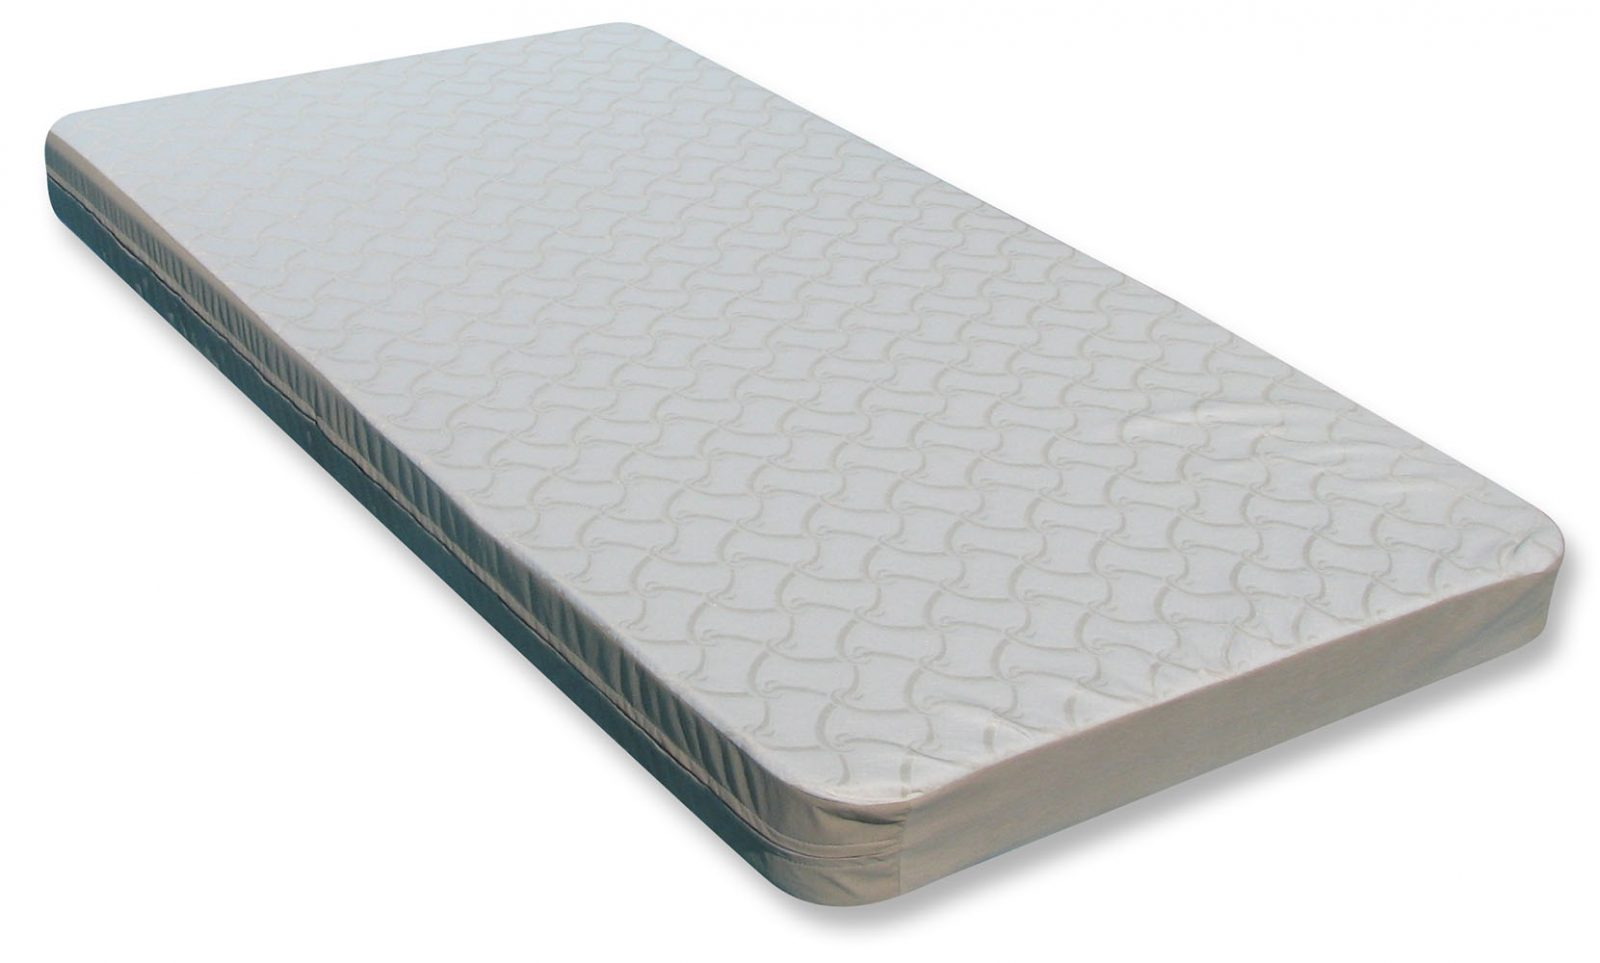 Dual Duty Two sided Flippable Foam Mattress